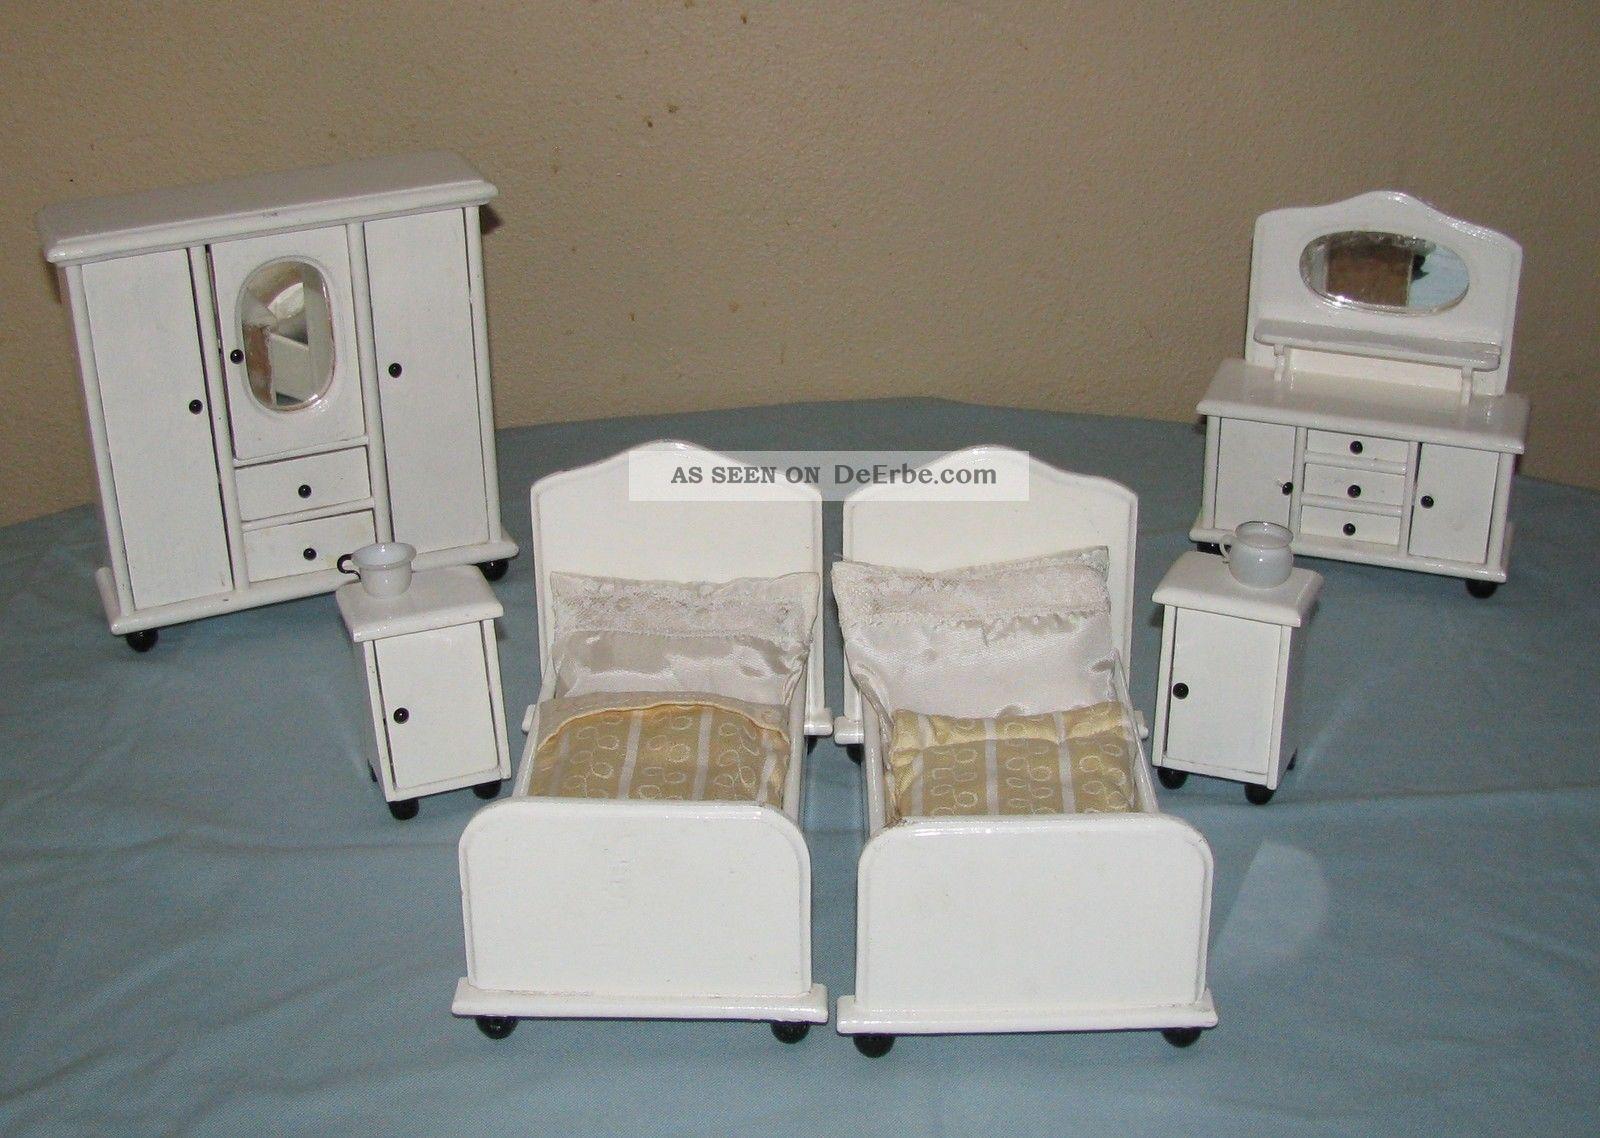 alte m bel schlafzimmer m bel puppenstube puppenhaus gottschalk. Black Bedroom Furniture Sets. Home Design Ideas